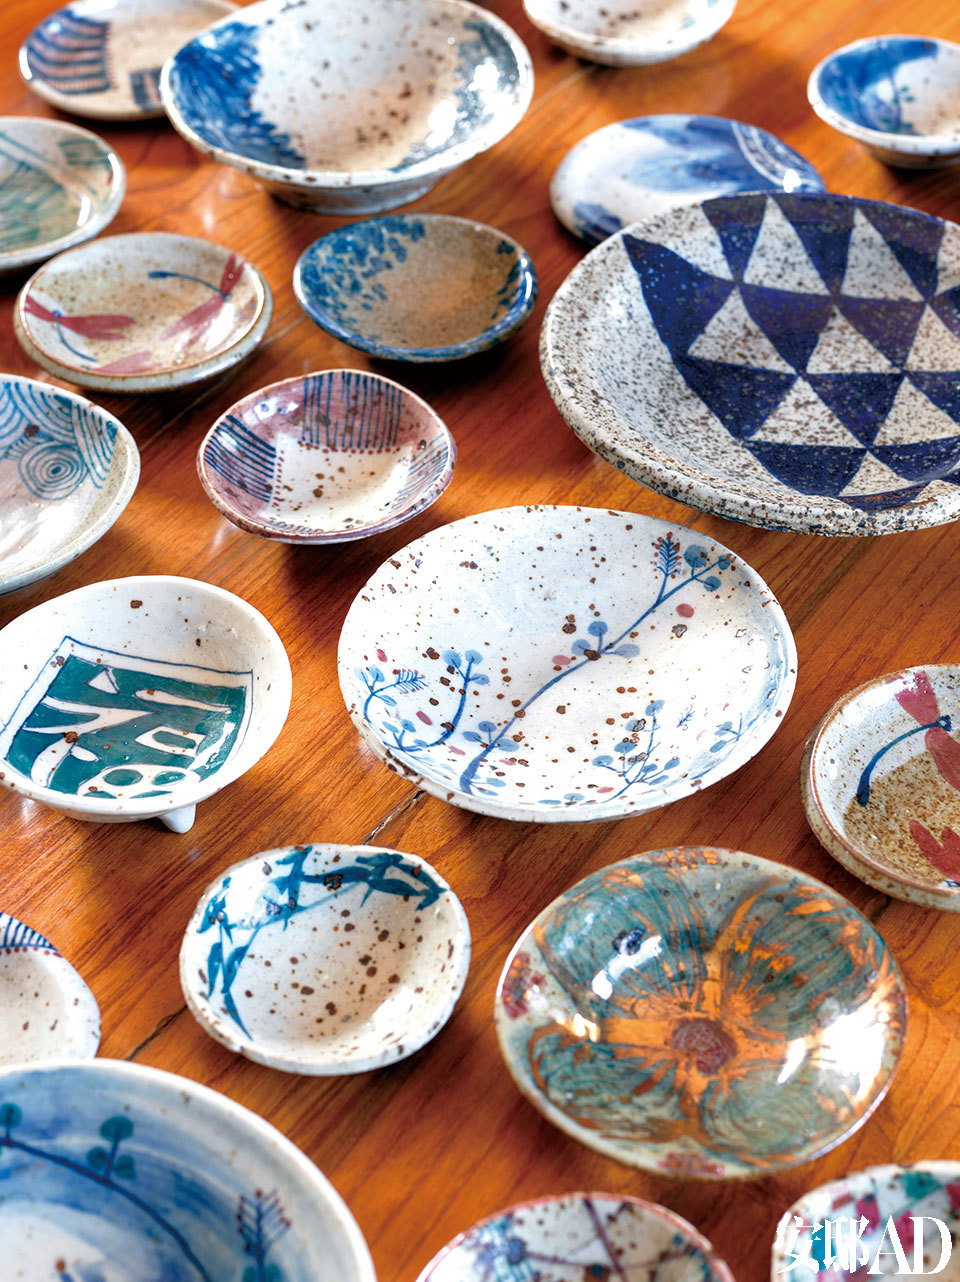 迟鹏喜欢老物件上的痕迹,以及朴拙的手工感,这些碗碟都是他旅途中的收获。餐厅的桌上,摆满迟鹏从江西景德镇收集回来的各式小碗碟,趣味盎然,当时他把那家店所有的东西都收了。